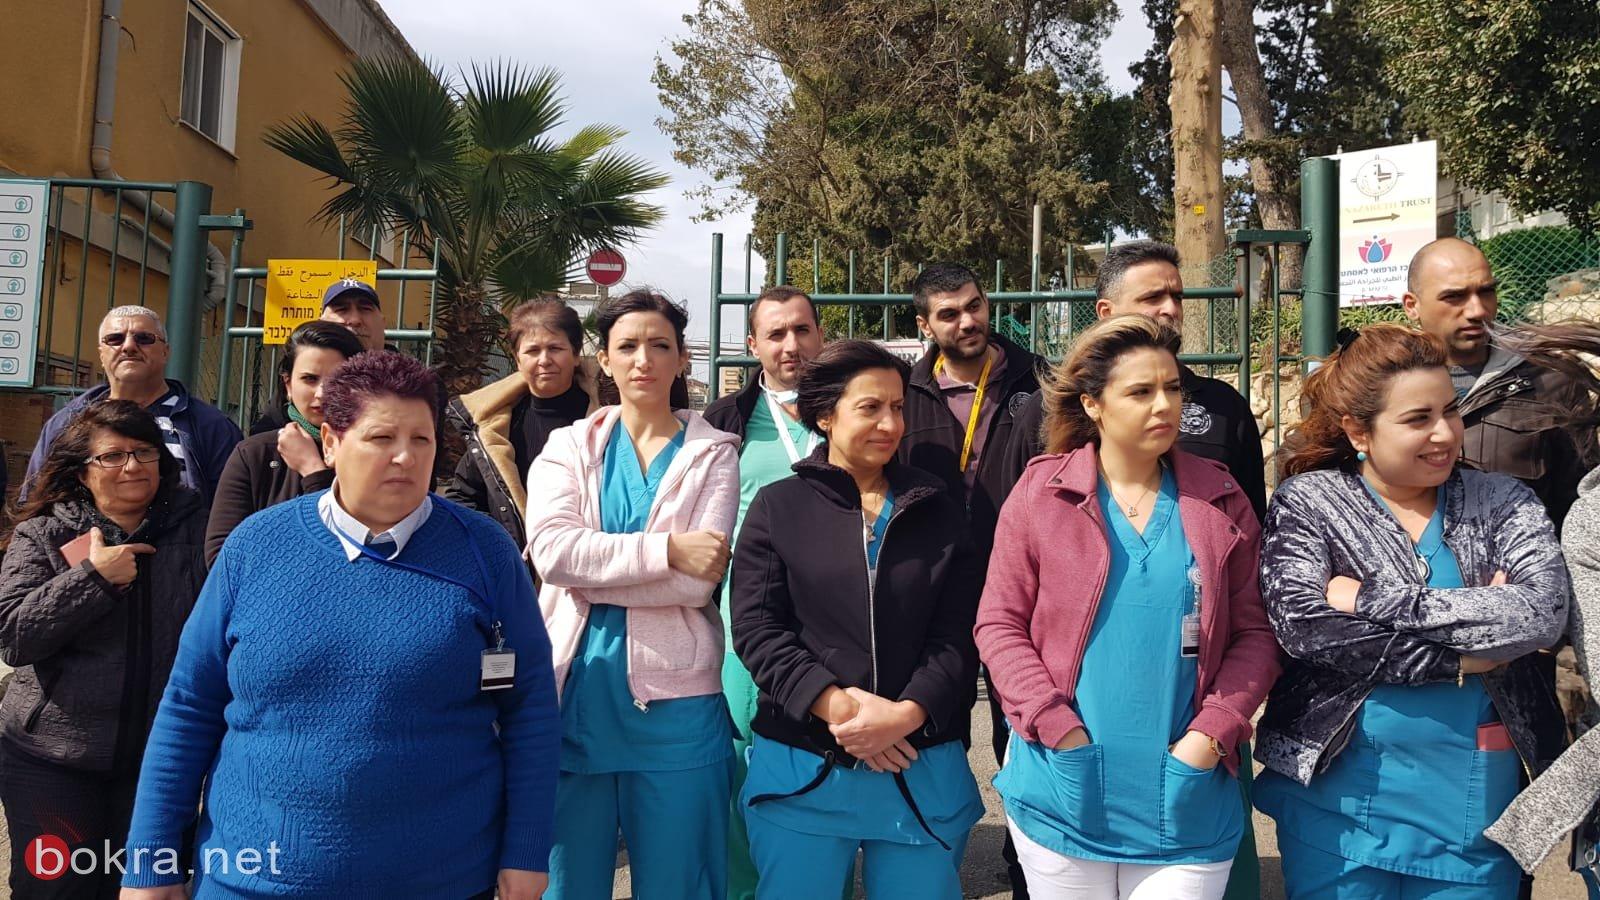 وقفة احتجاجية في مستشفى الناصرة الانجليزي بعد الاعتداء على أحد الاطباء